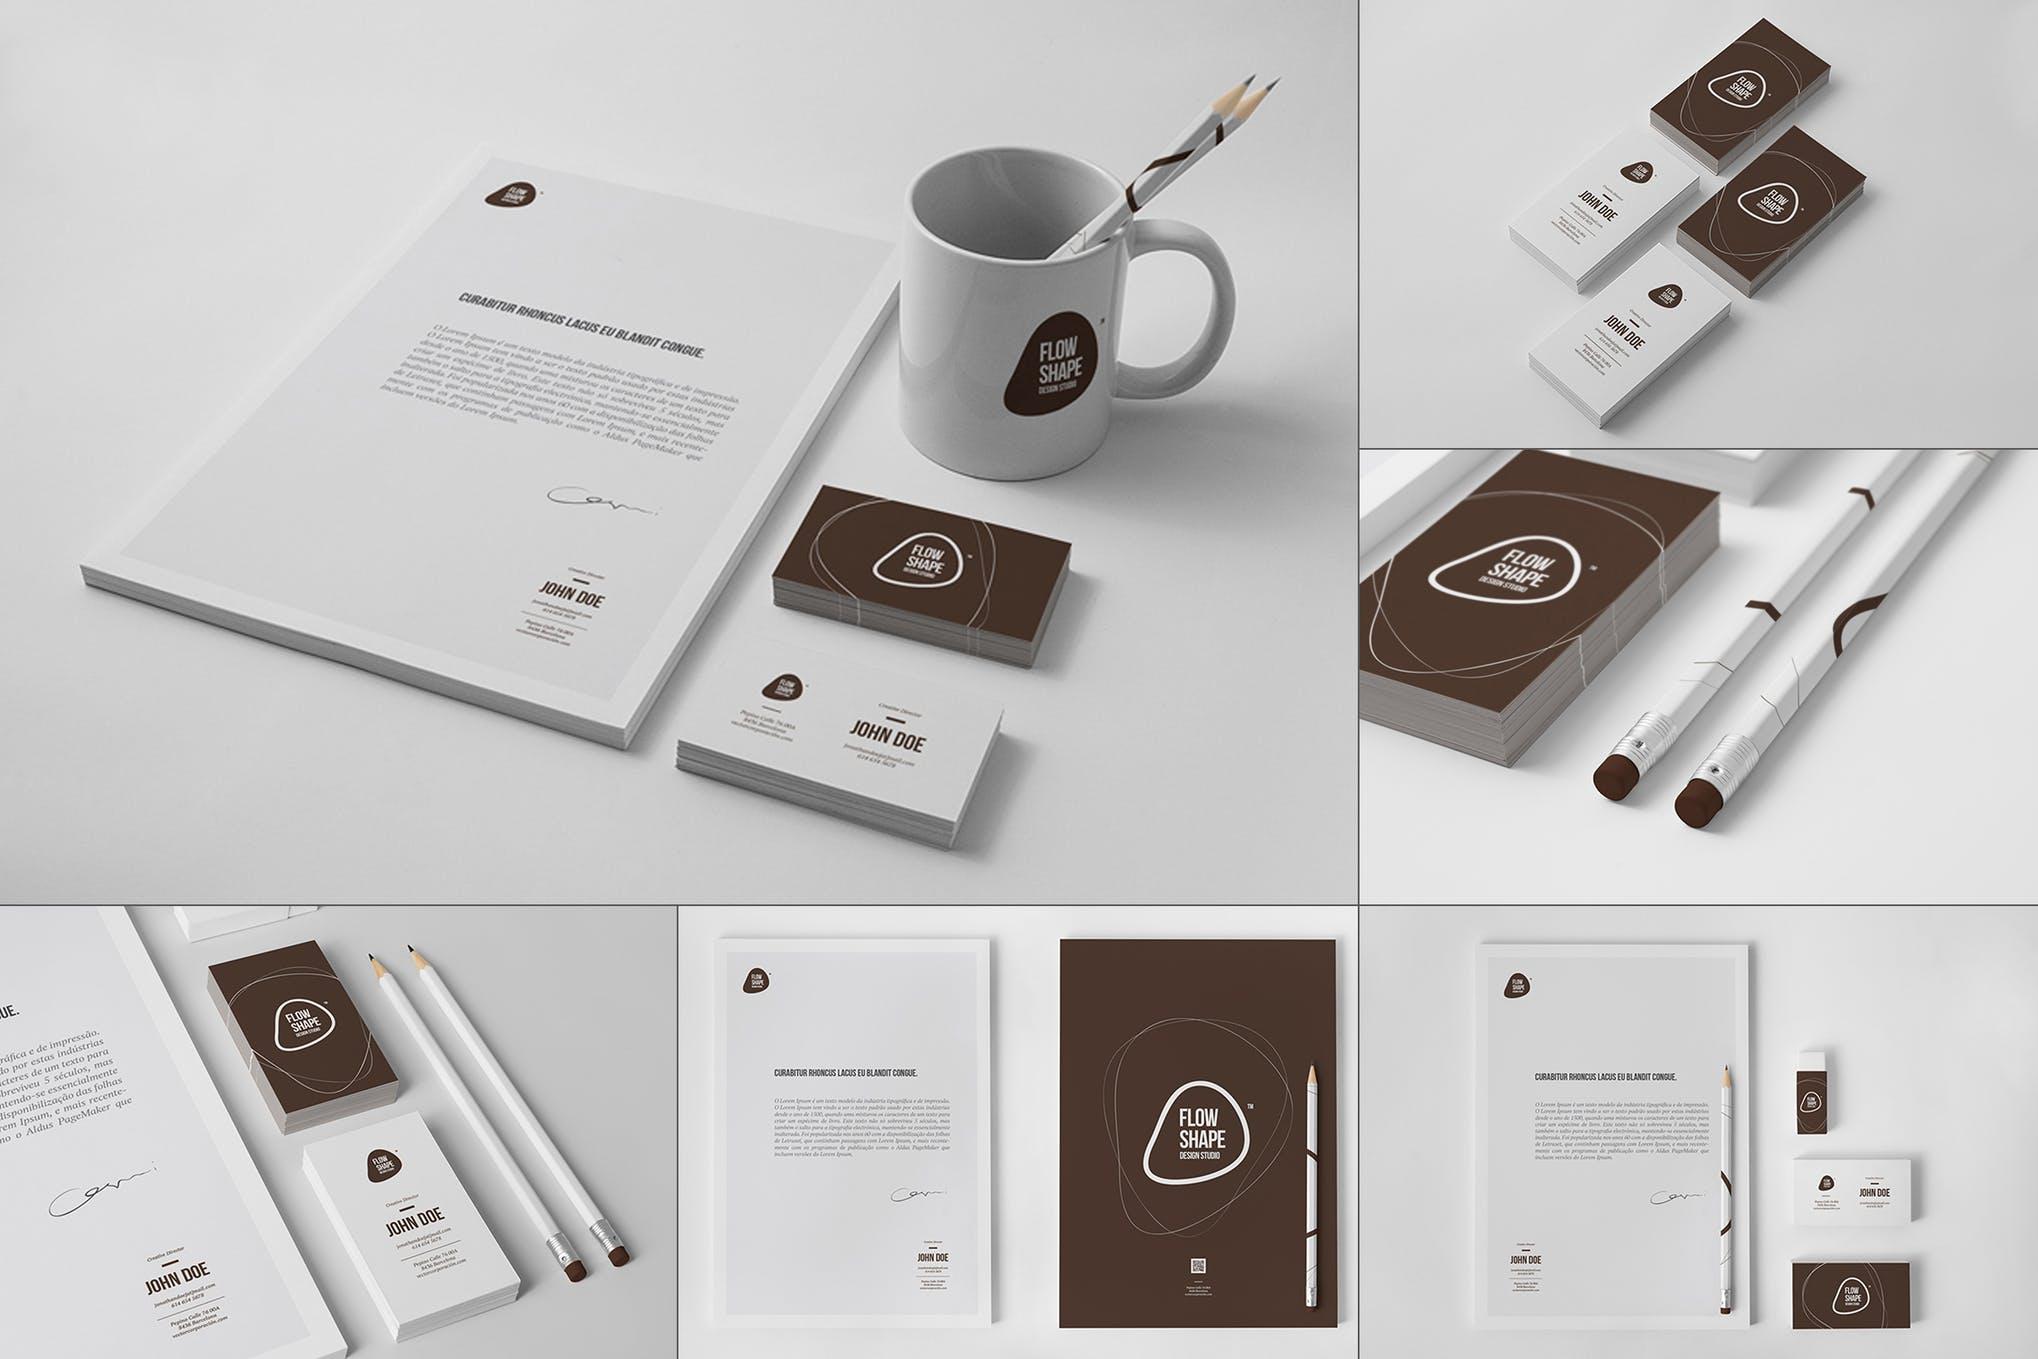 自定义品牌办公场景物品4插图(1)